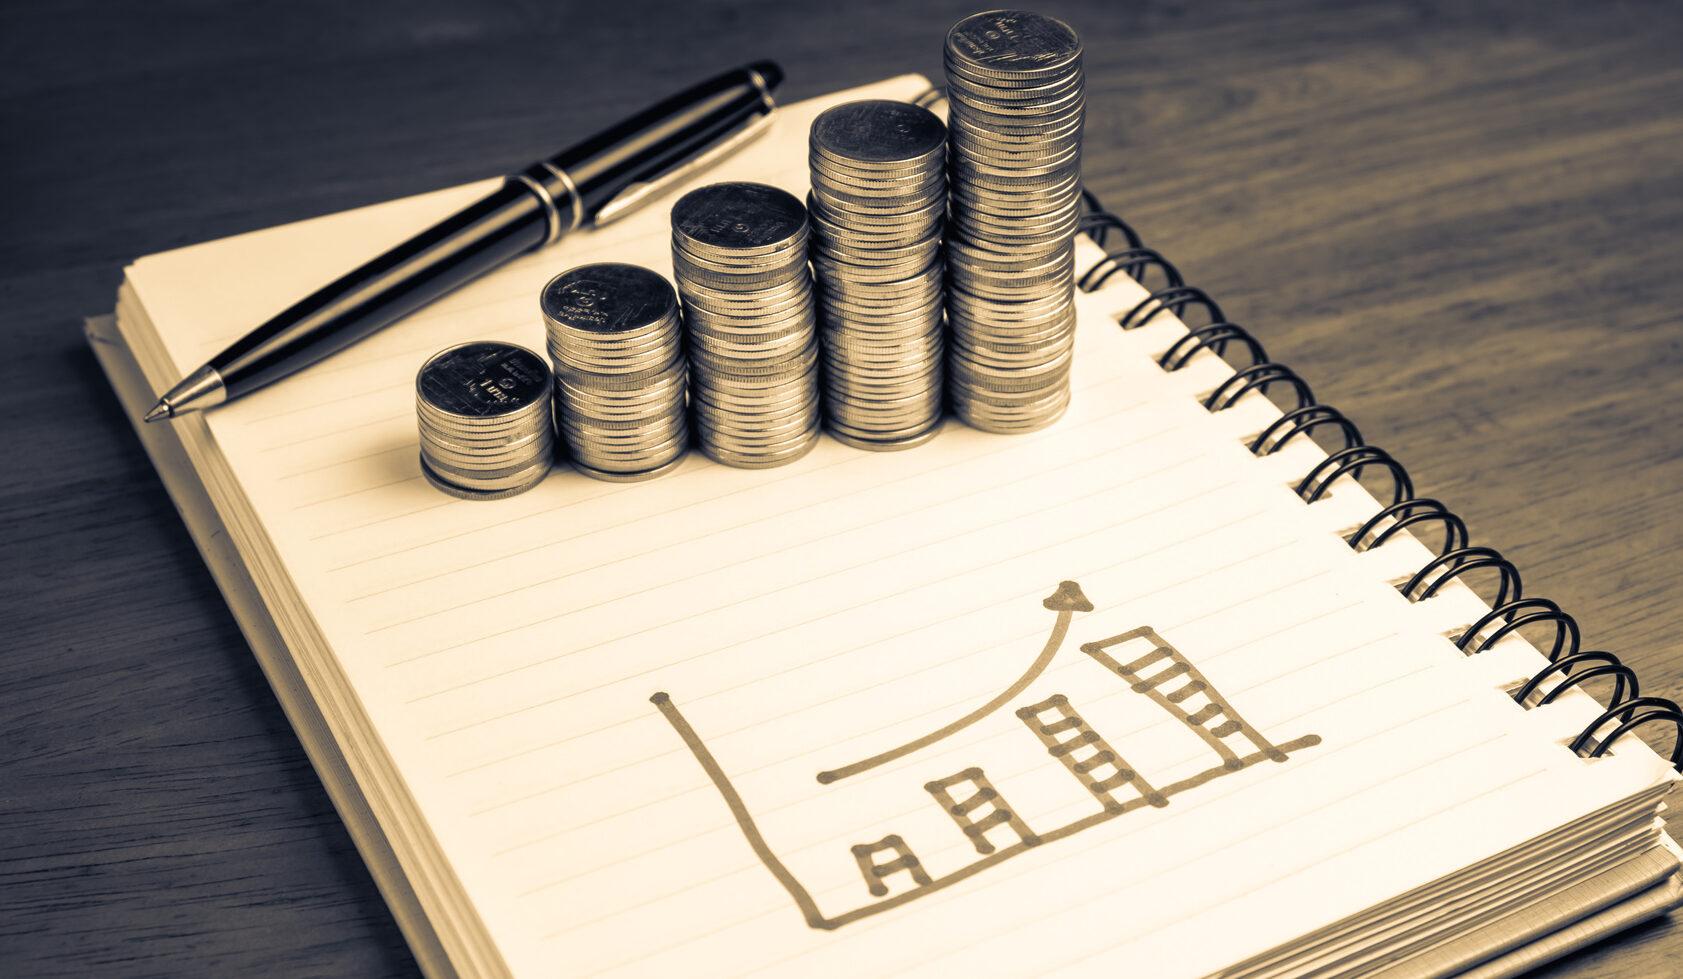 شروع سرمایهگذاری در سهام – قسمت سی و ششم